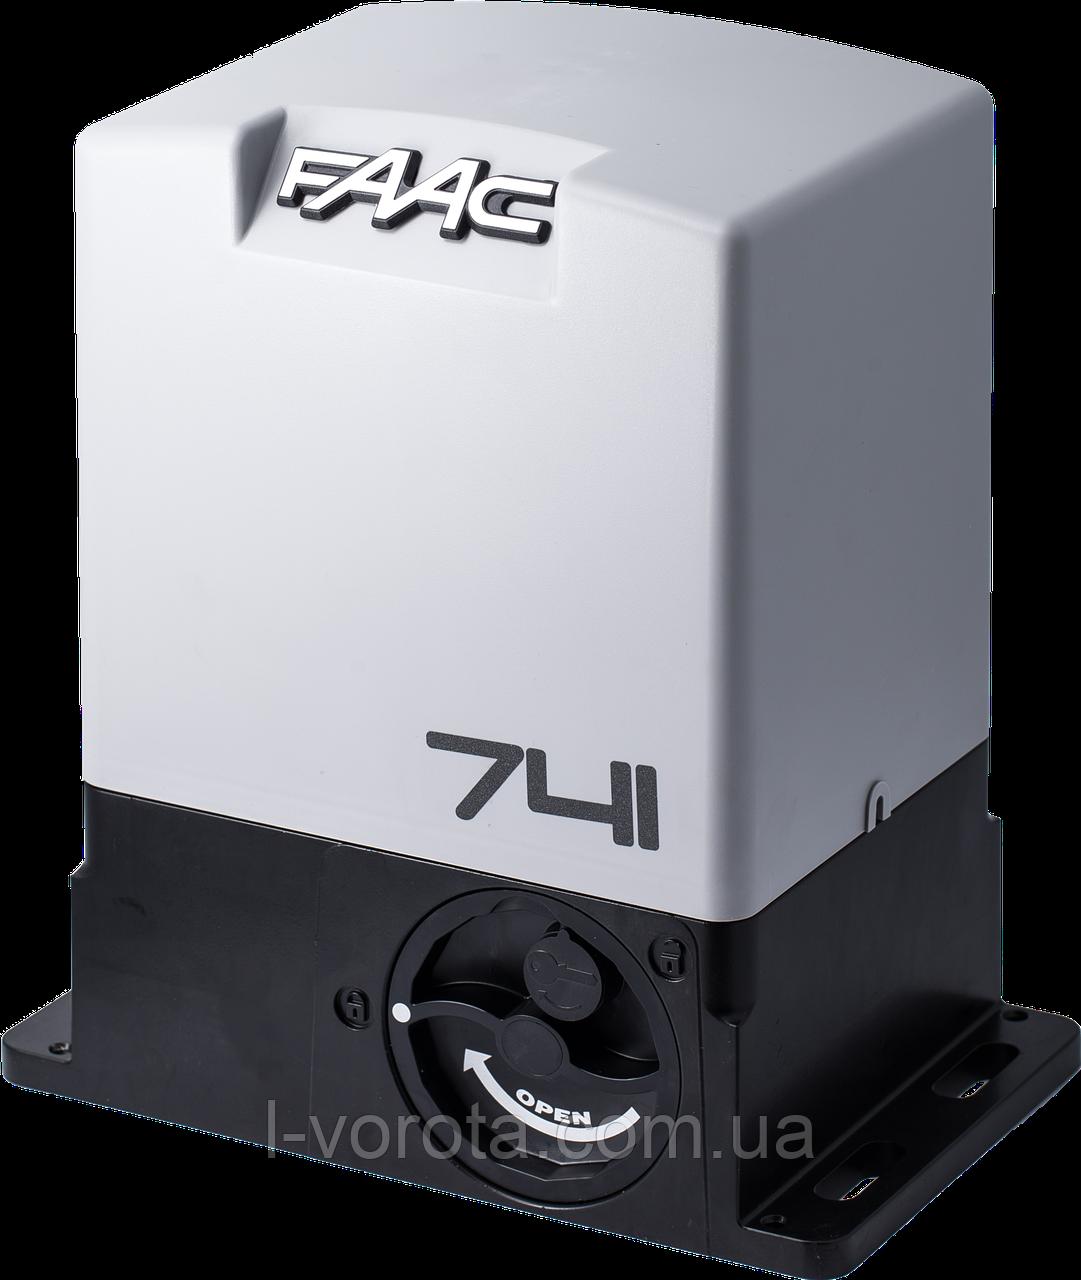 FAAC 741 привод для сдвижных (откатных) ворот (макс. вес ворот 900 кг)